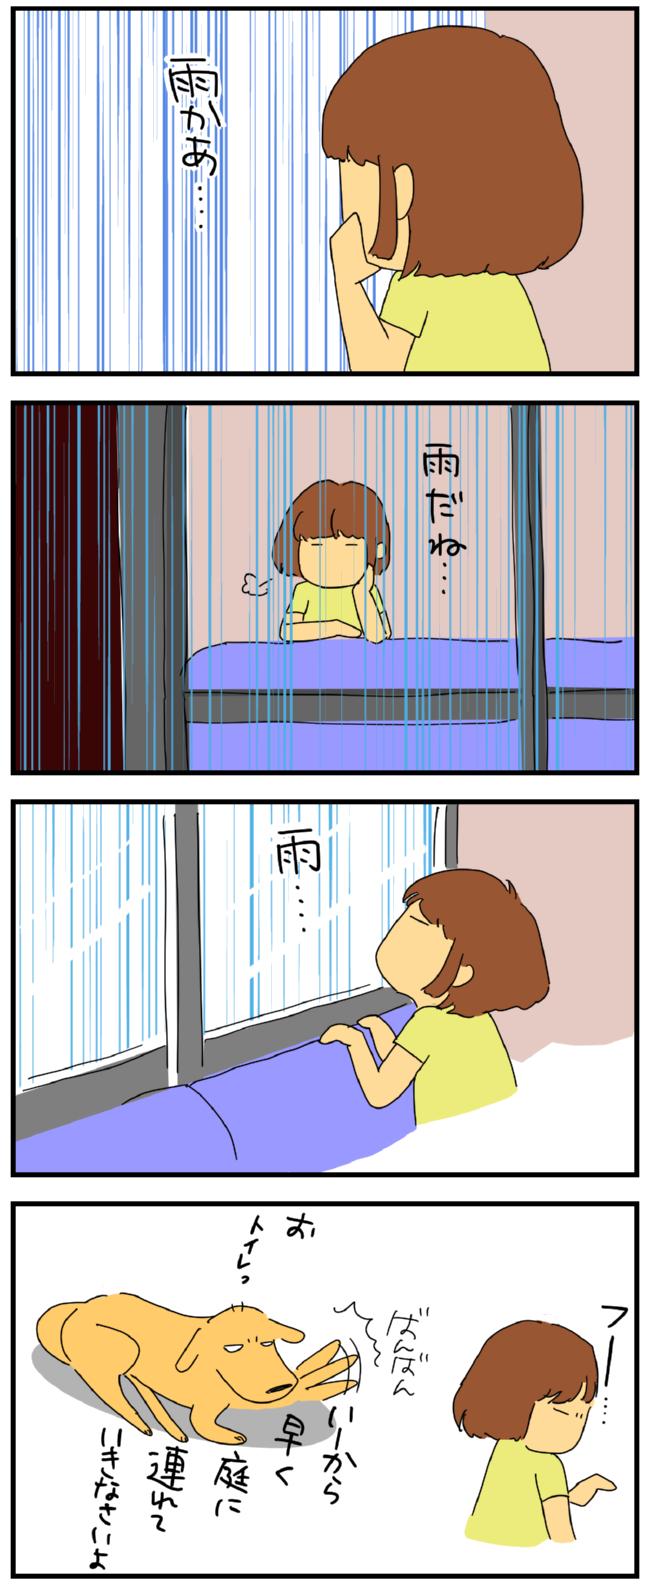 梅雨の憂鬱